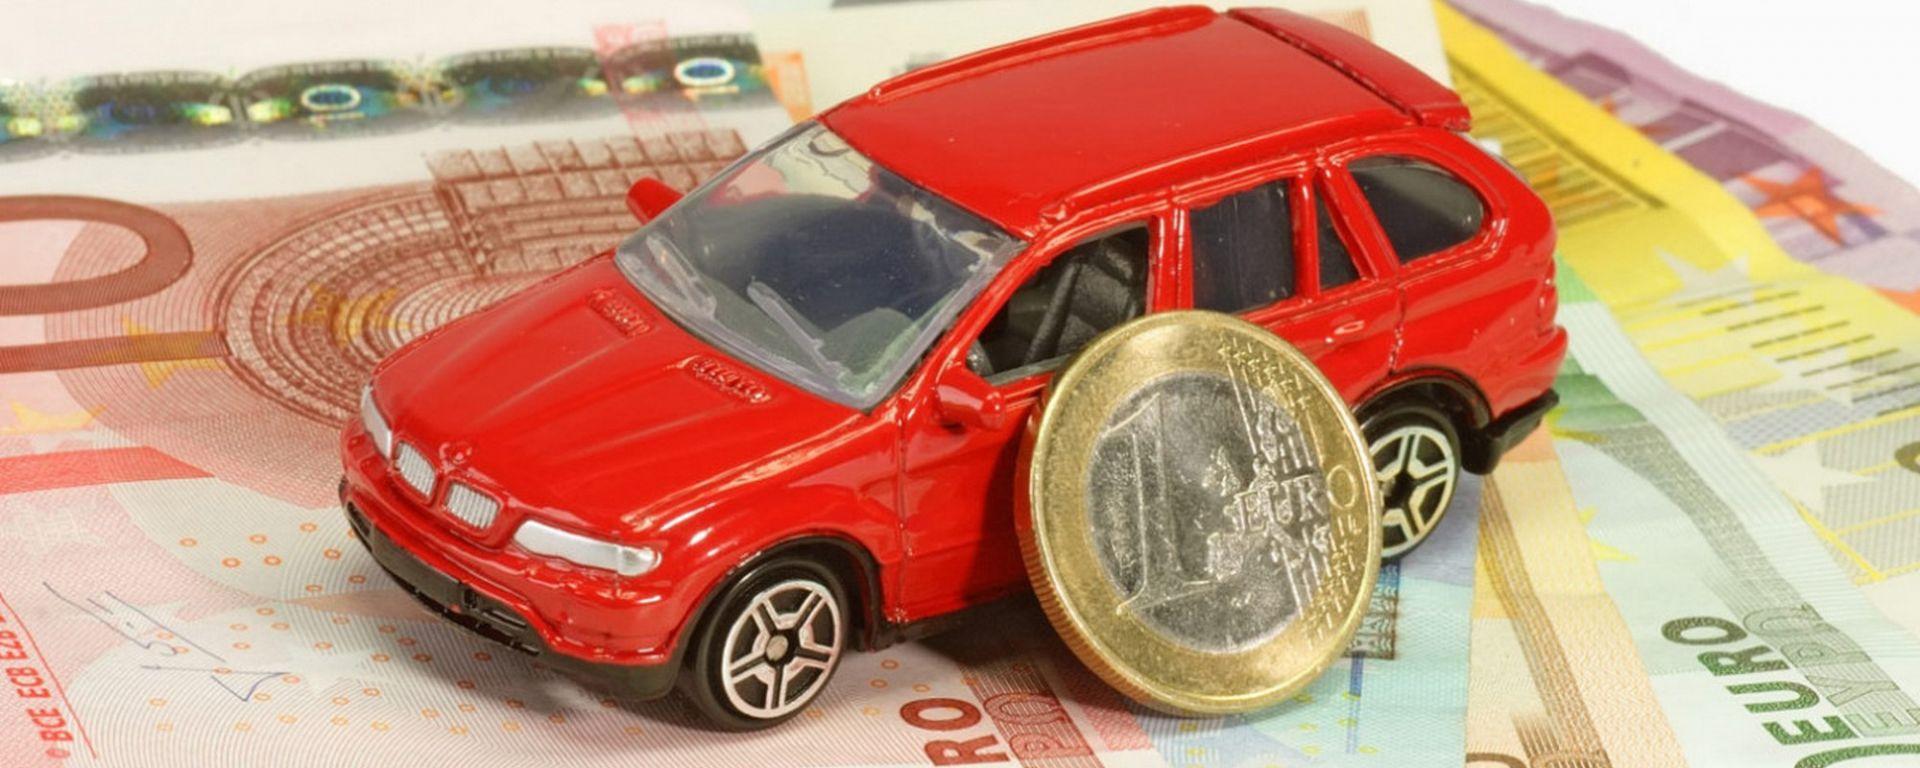 Assicurazione RC Auto, risparmiare è sempre possibile